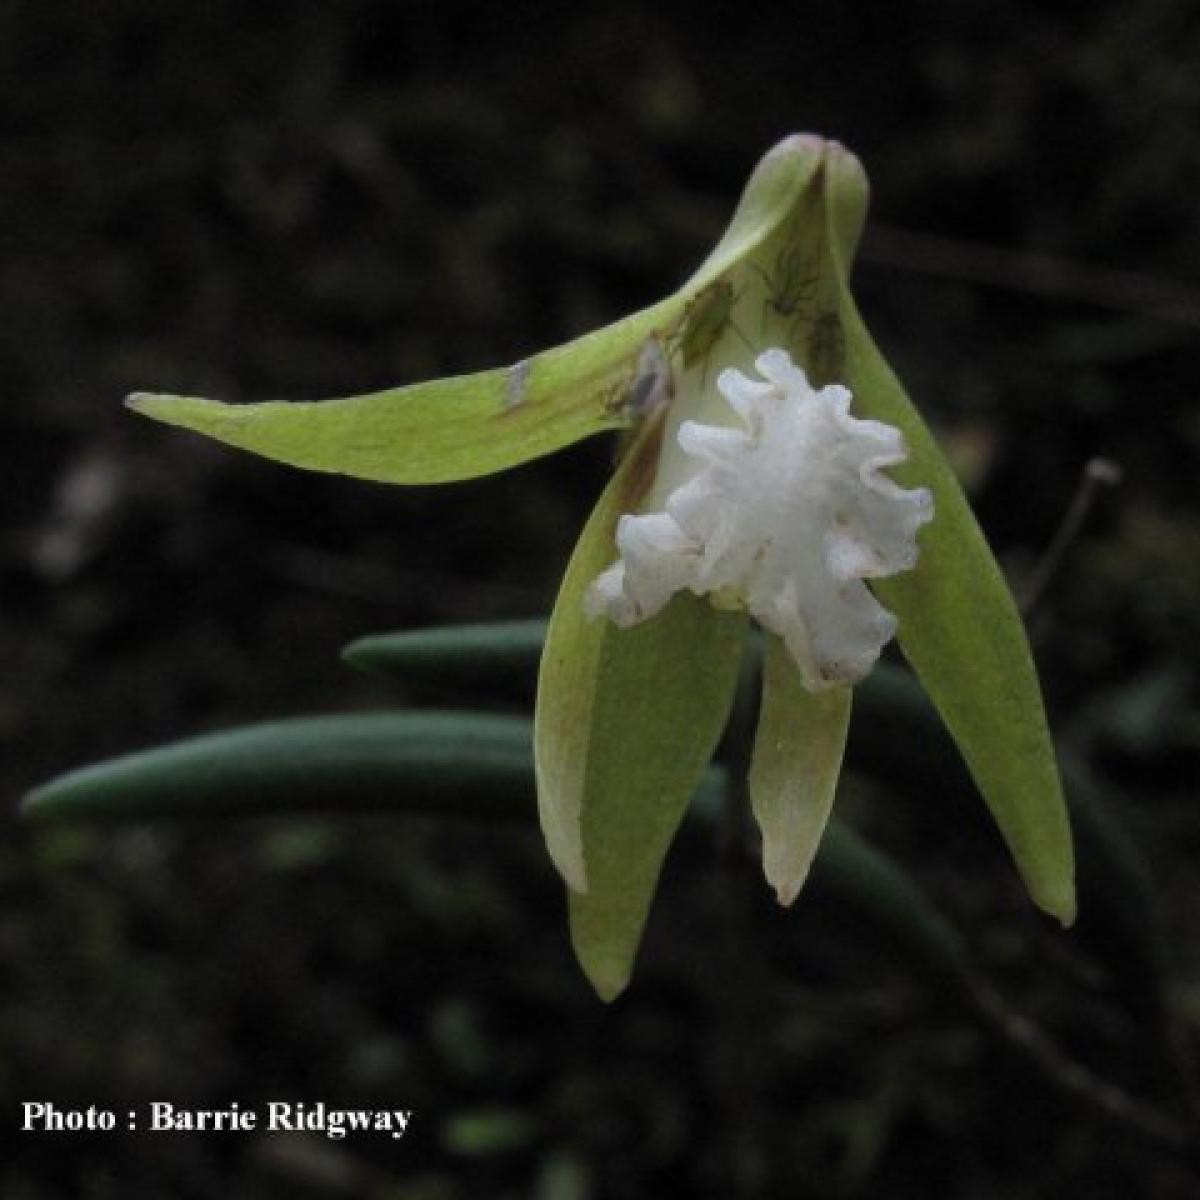 Dockrilia striolata orchid